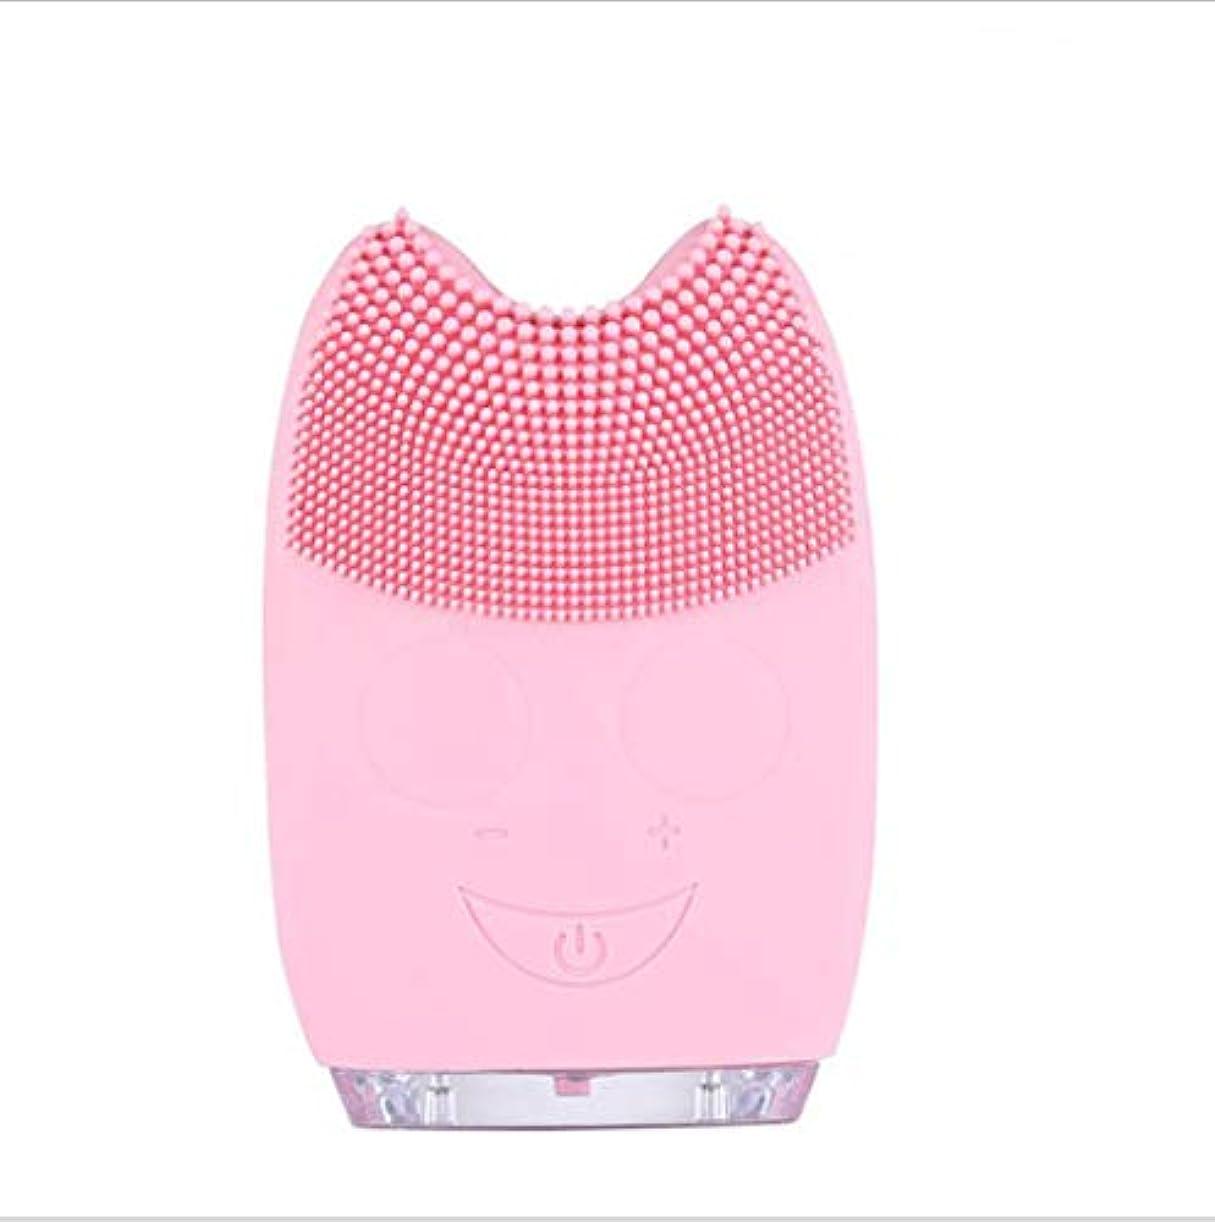 クスコ策定する若者すべての肌のタイプに適した角質除去とアンチエイジング顔マッサージのためのシリコーン電気クレンジングブラシ,Pink